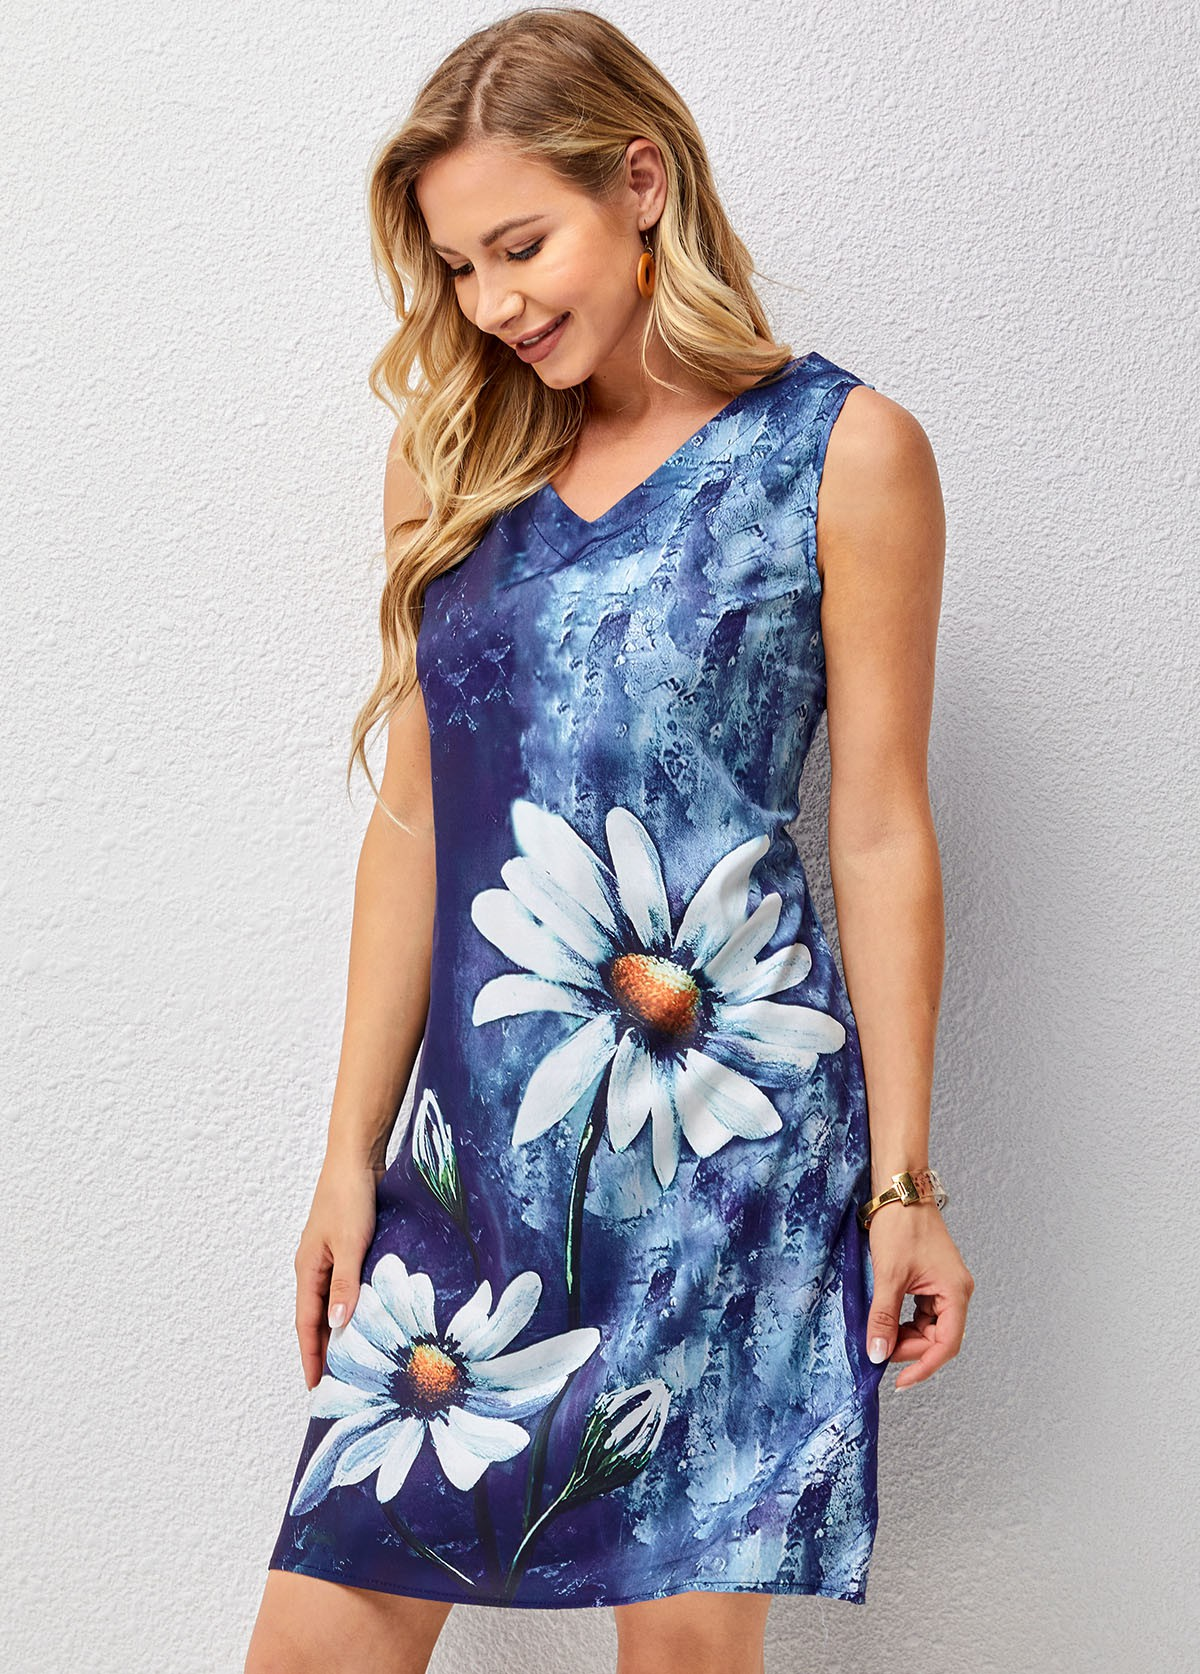 Floral Print V Neck Sleeveless Dress